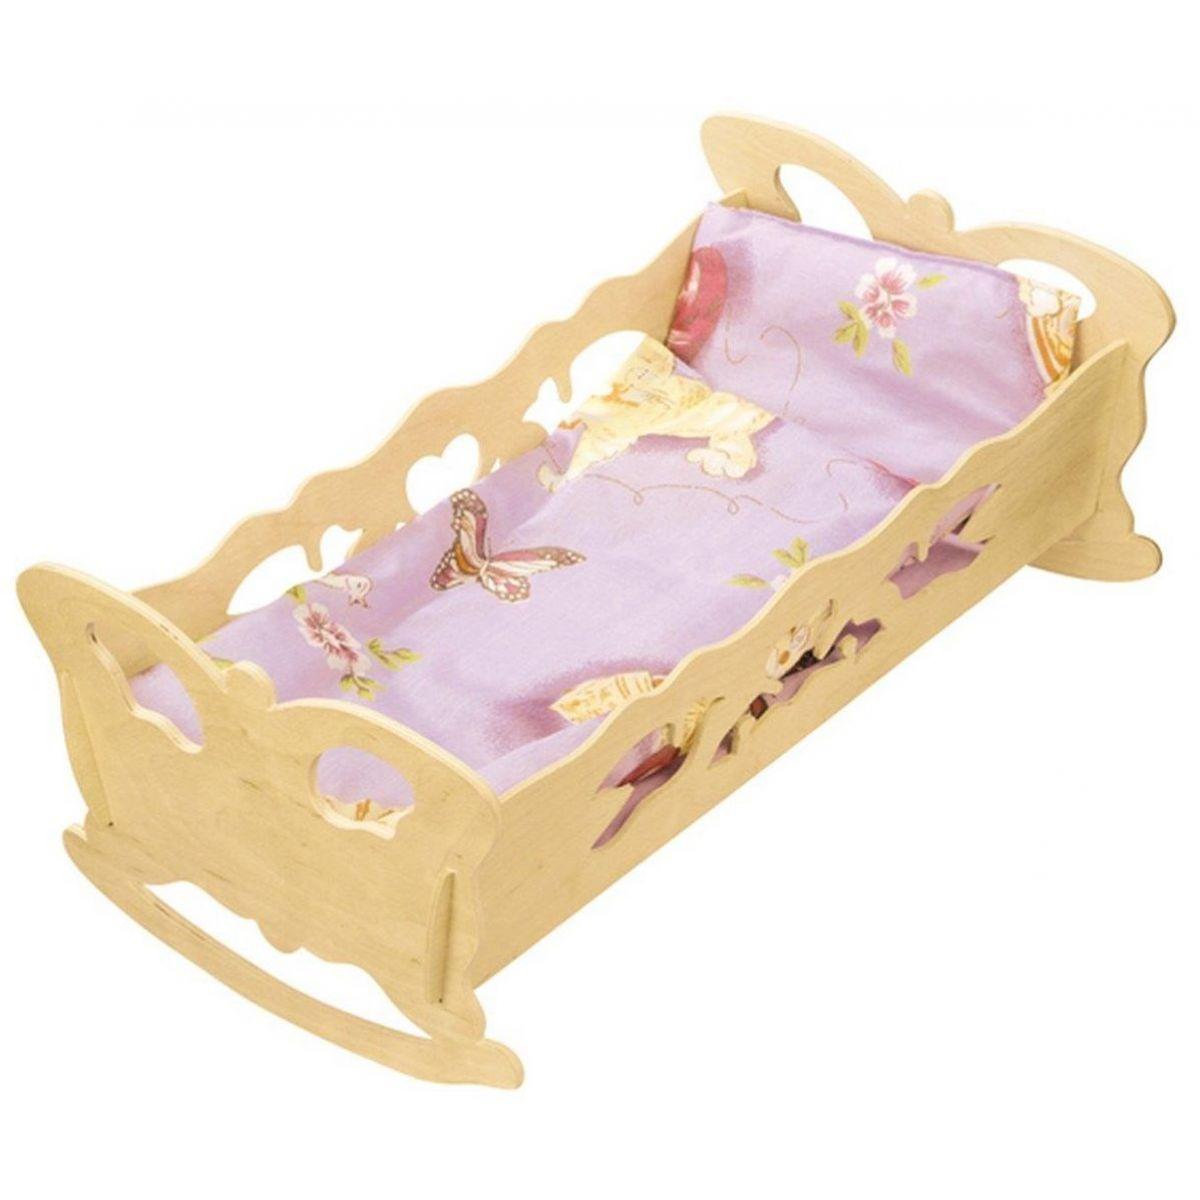 Kolíska pre bábiky drevená extra veľká 47 cm bábiky s perinkou motýľ